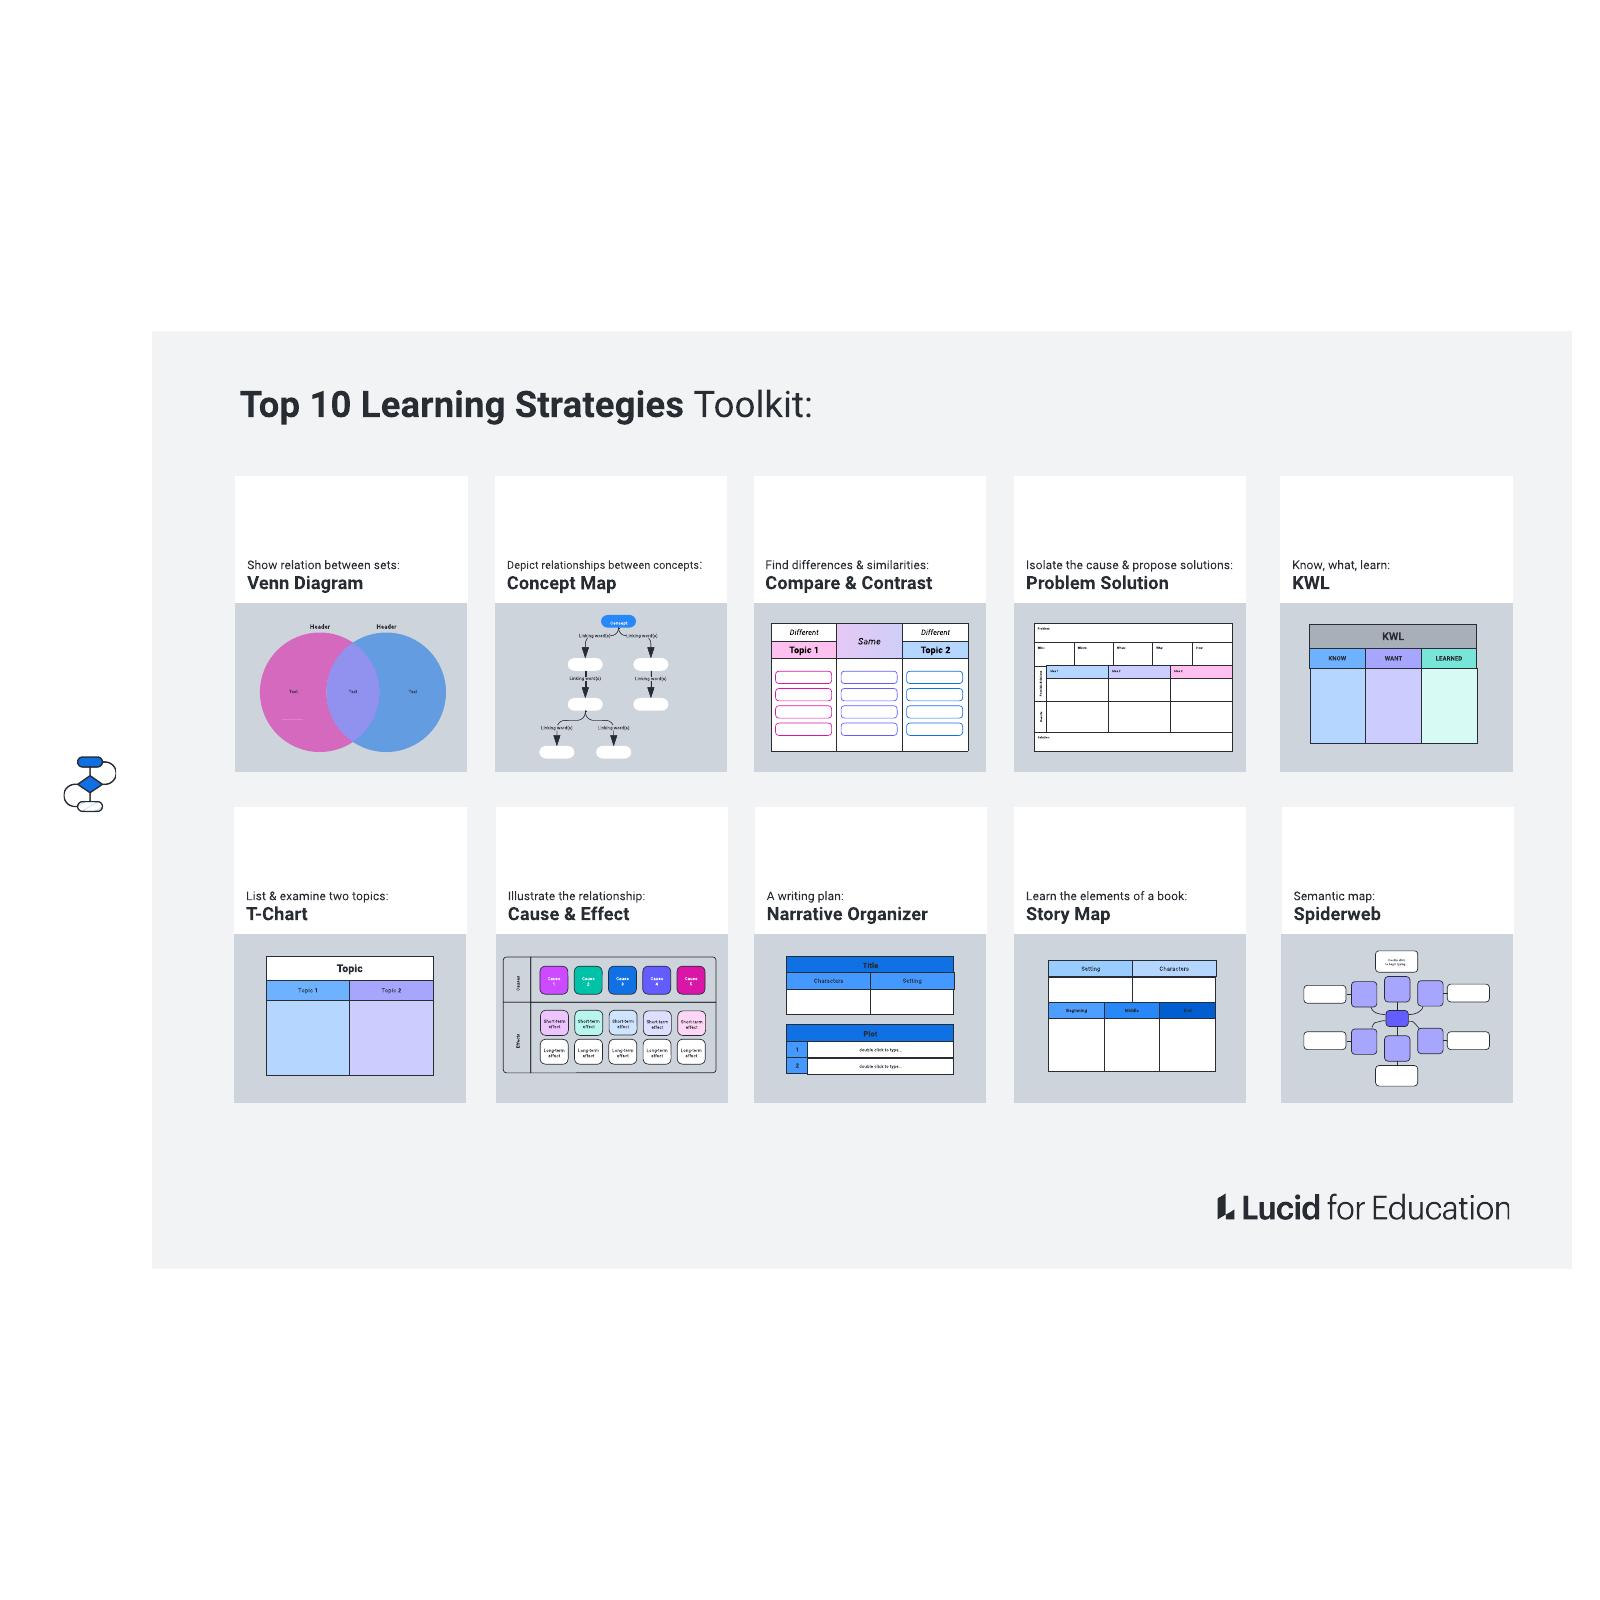 Top 10 Learning Strategies Landing